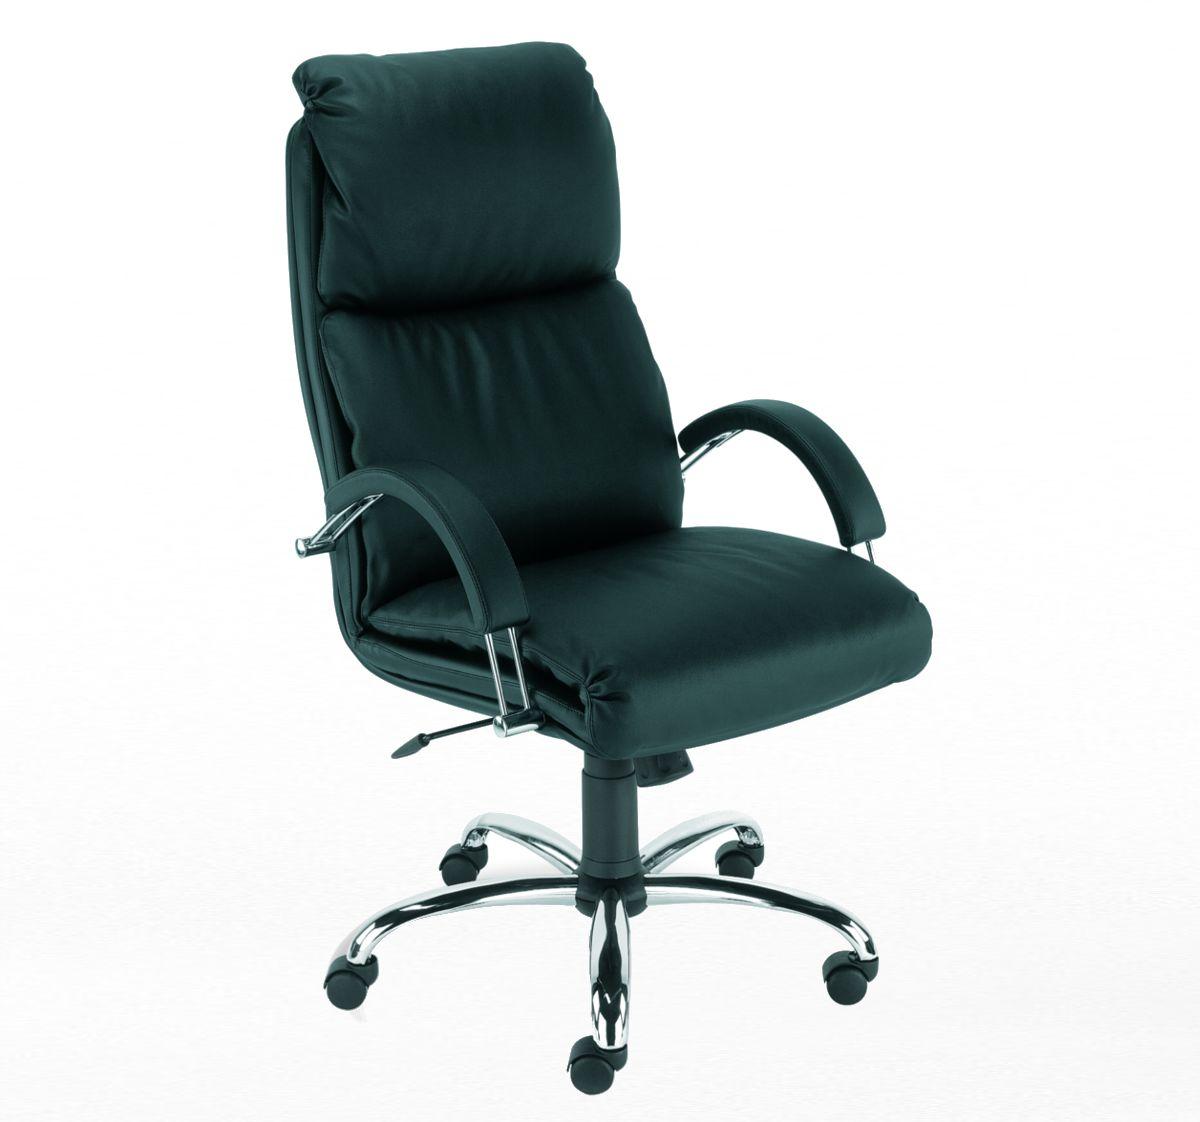 Fotel Biurowy Nowy Styl NADIR ST02-CR